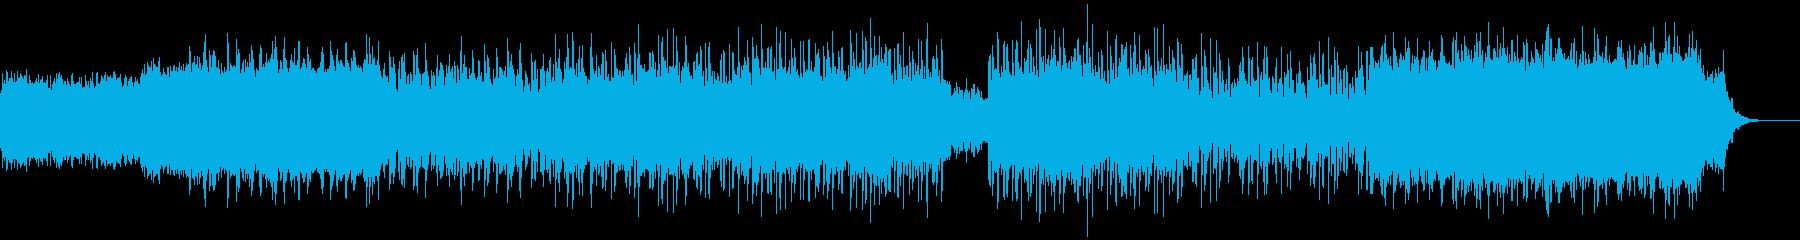 キラキラ 儚い 速い アンビエントテクノの再生済みの波形